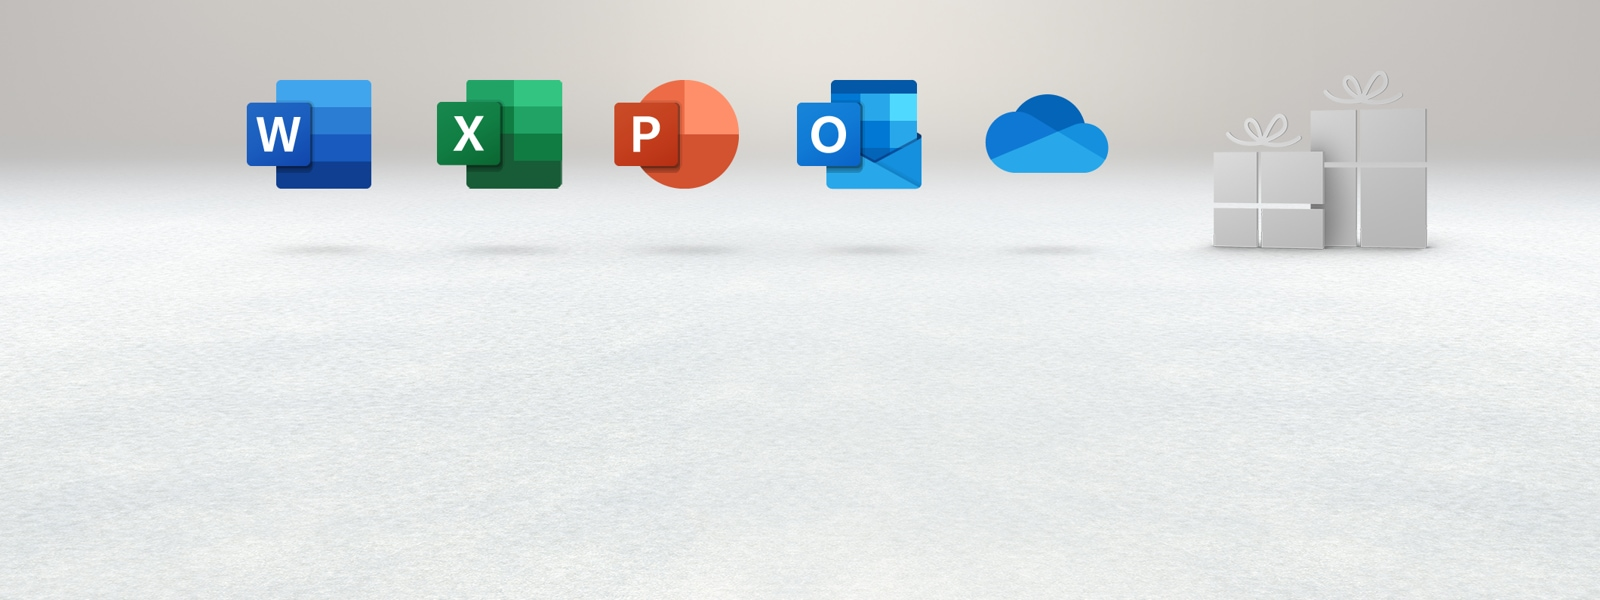 Iconos de las aplicaciones de Microsoft Office sobre un fondo claro